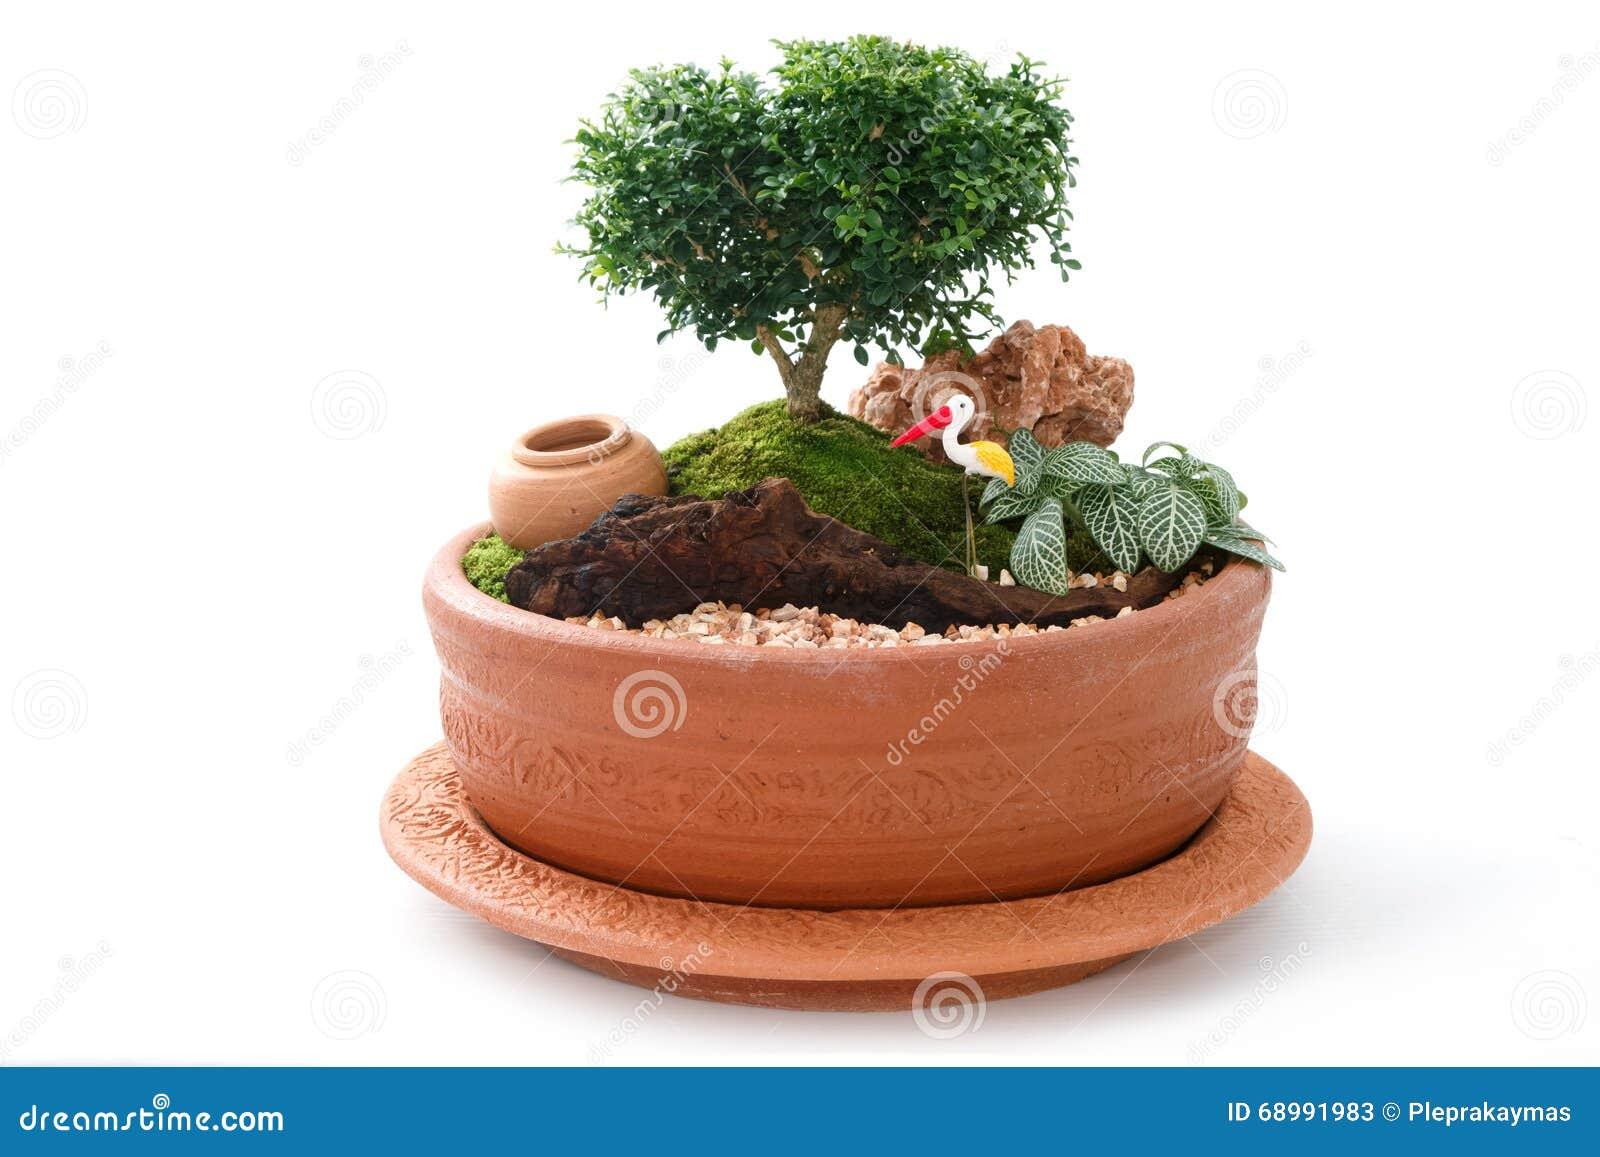 Giardino miniatura in un vaso immagine stock immagine - Giardino in miniatura ...